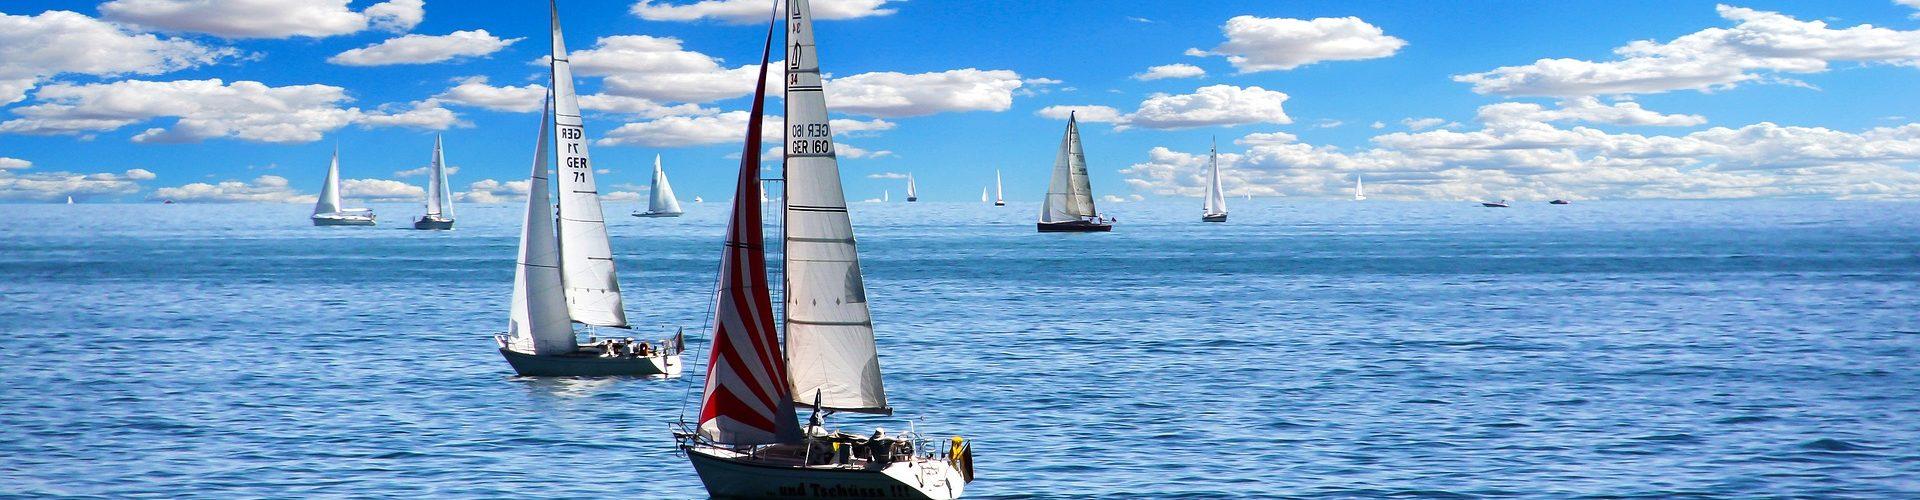 segeln lernen in Herdecke segelschein machen in Herdecke 1920x500 - Segeln lernen in Herdecke